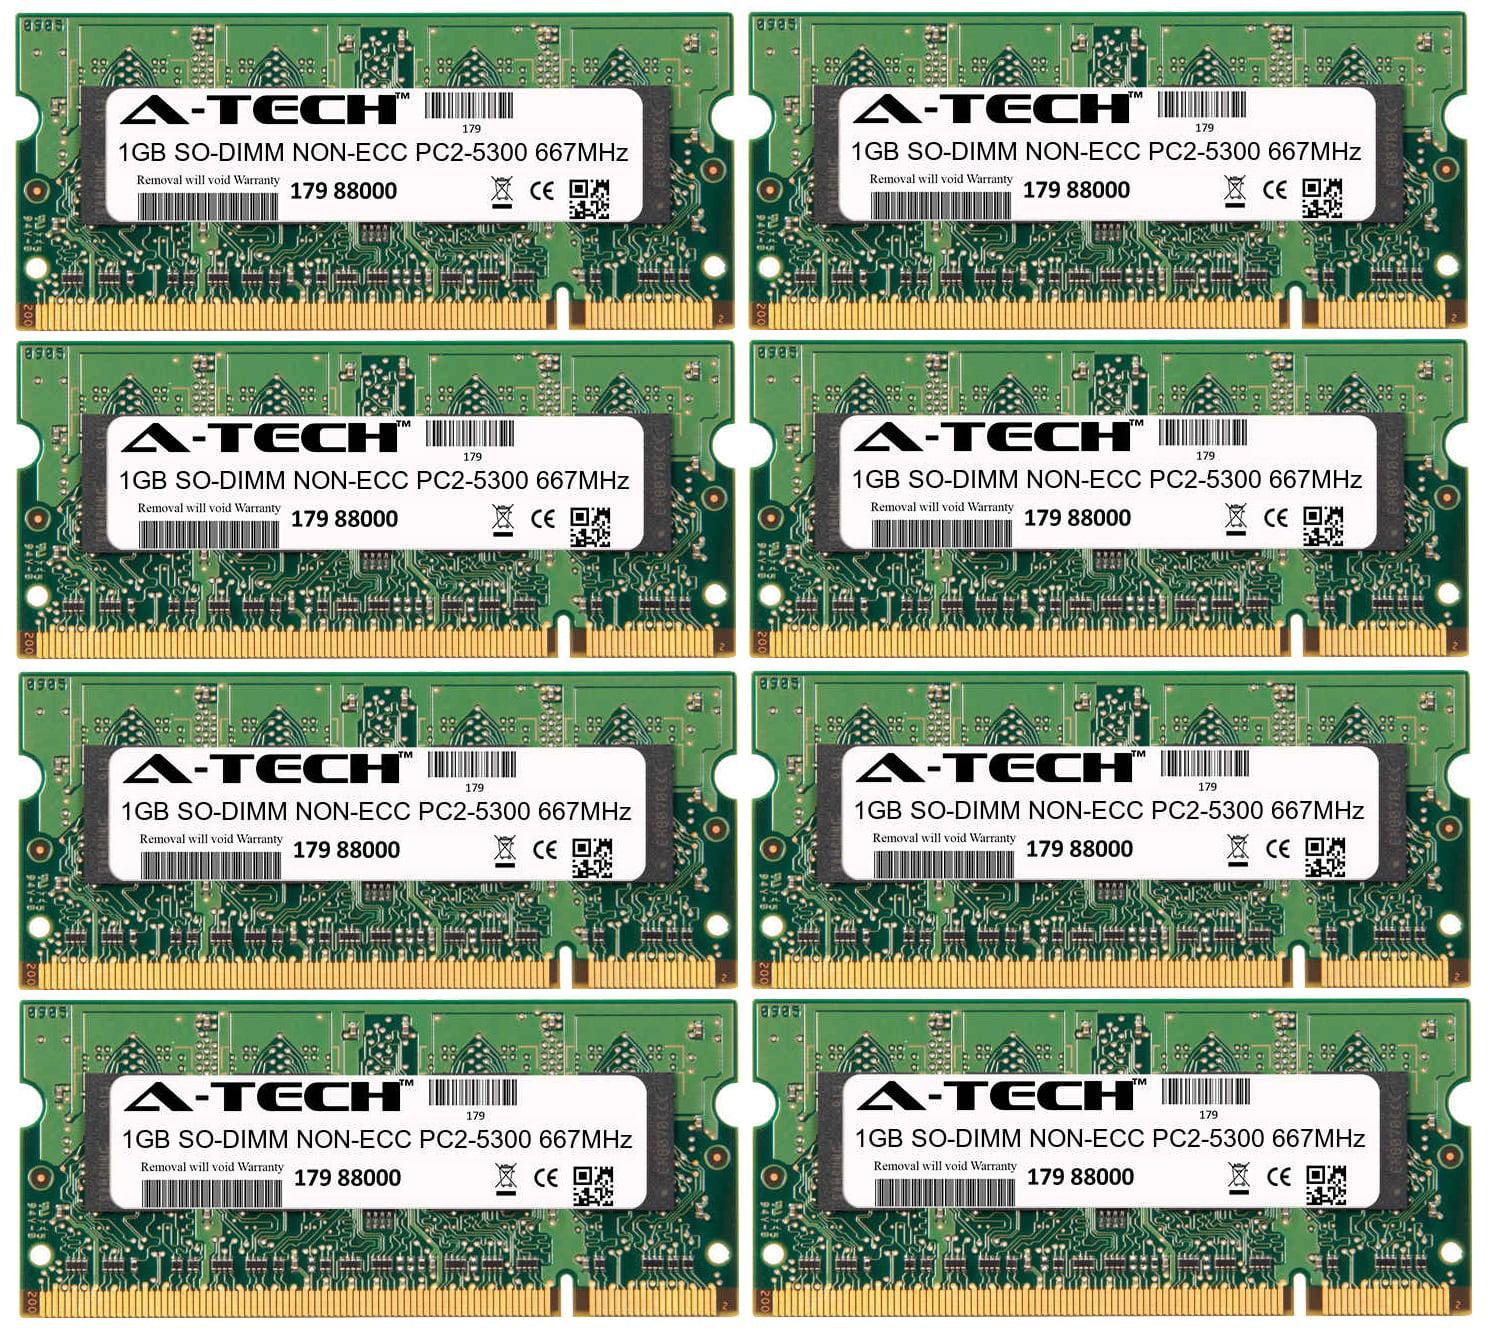 8GB Kit 8x 1GB Modules PC2-5300 667MHz NON-ECC DDR2 SO-DI...